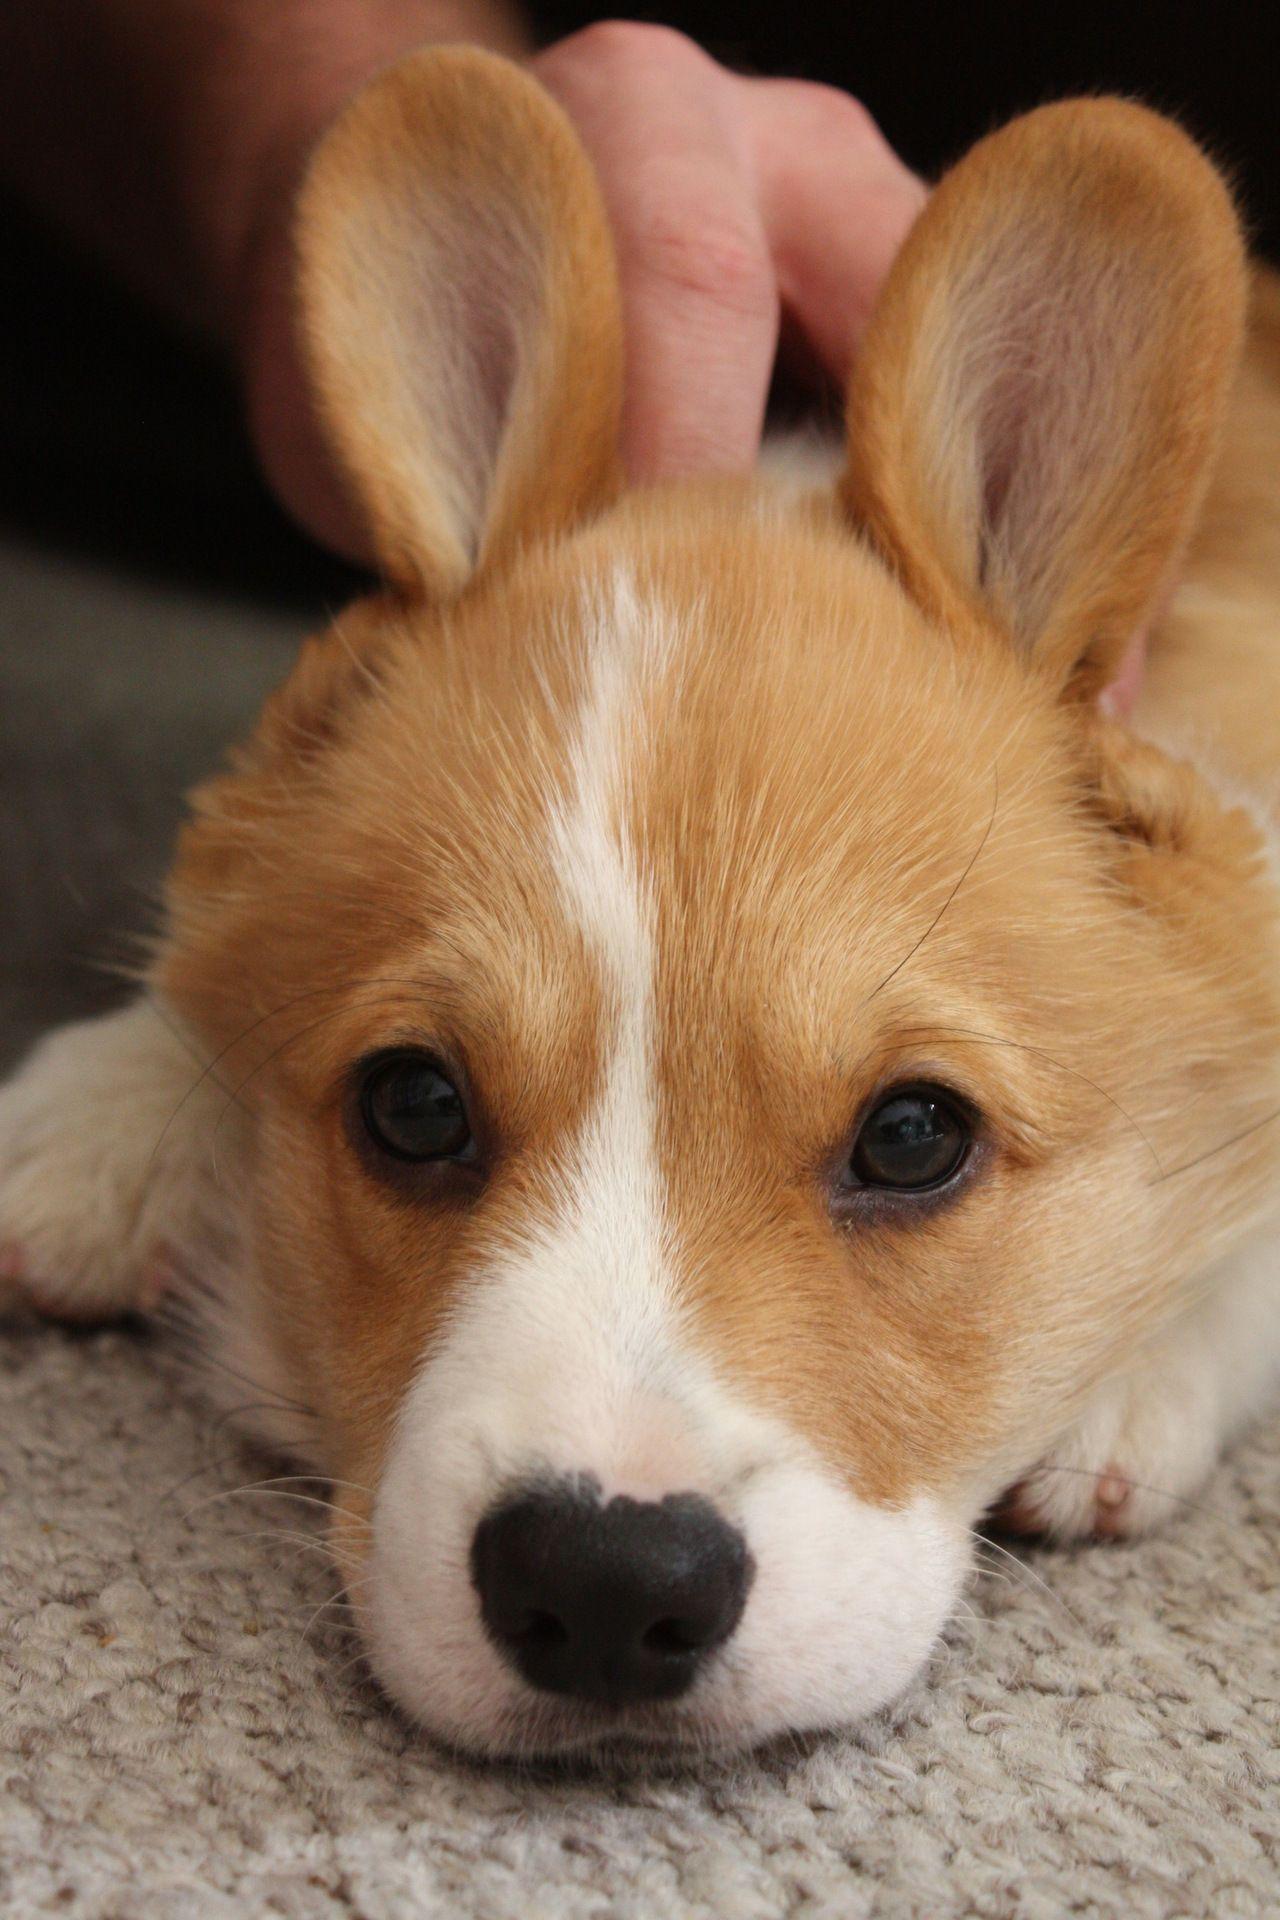 Benjamin Bunny Corgi Style Cute Pembroke Welsh Corgi Puppy Sir